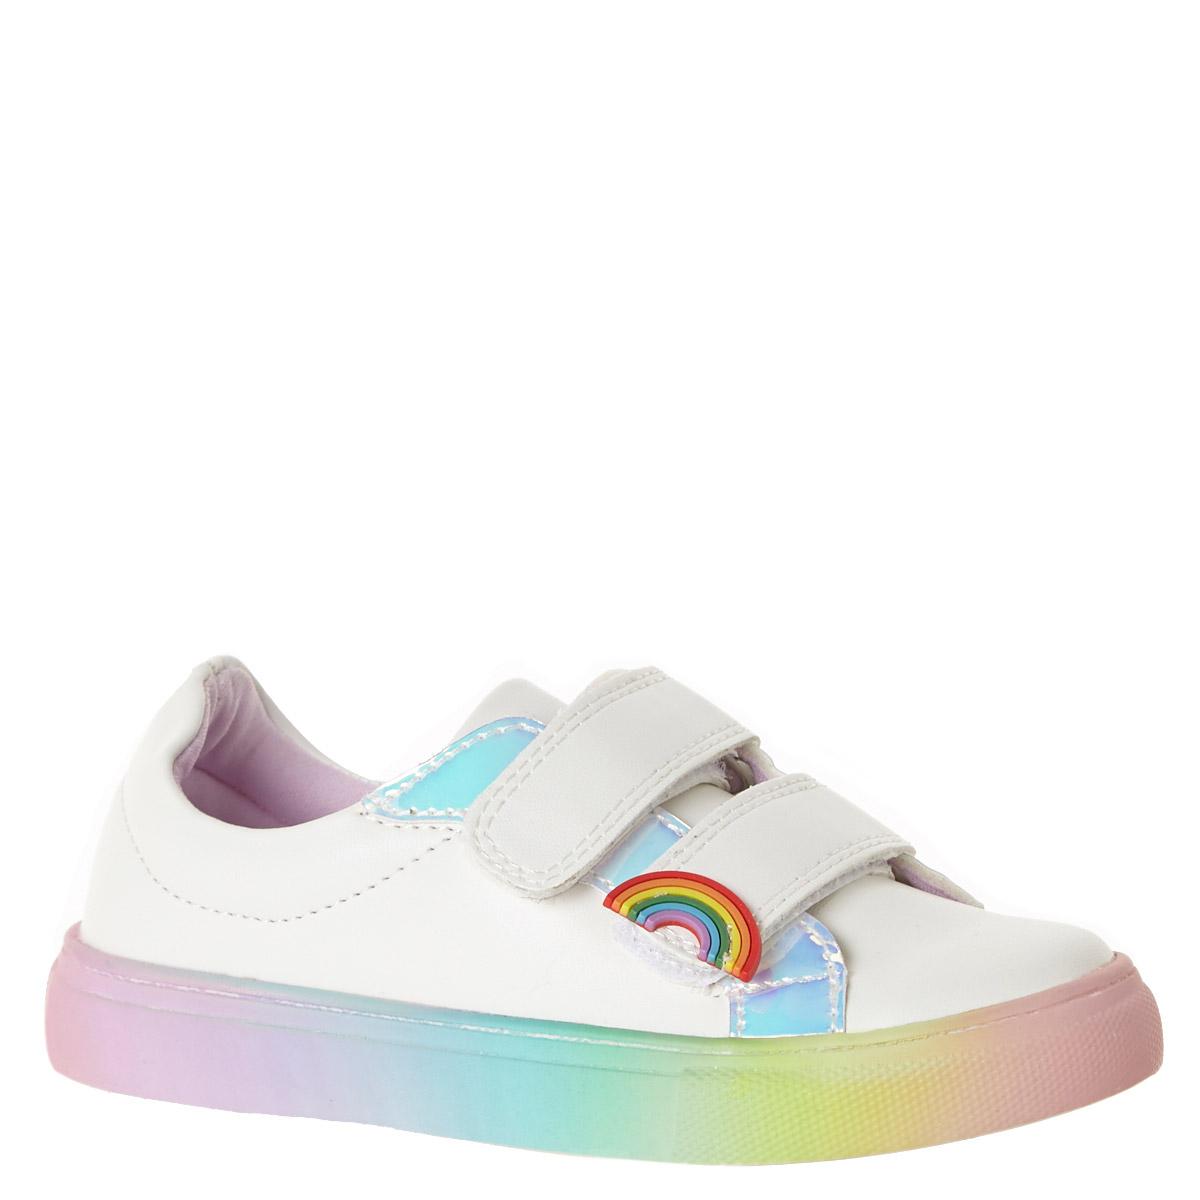 White Baby Girls Rainbow Shoes